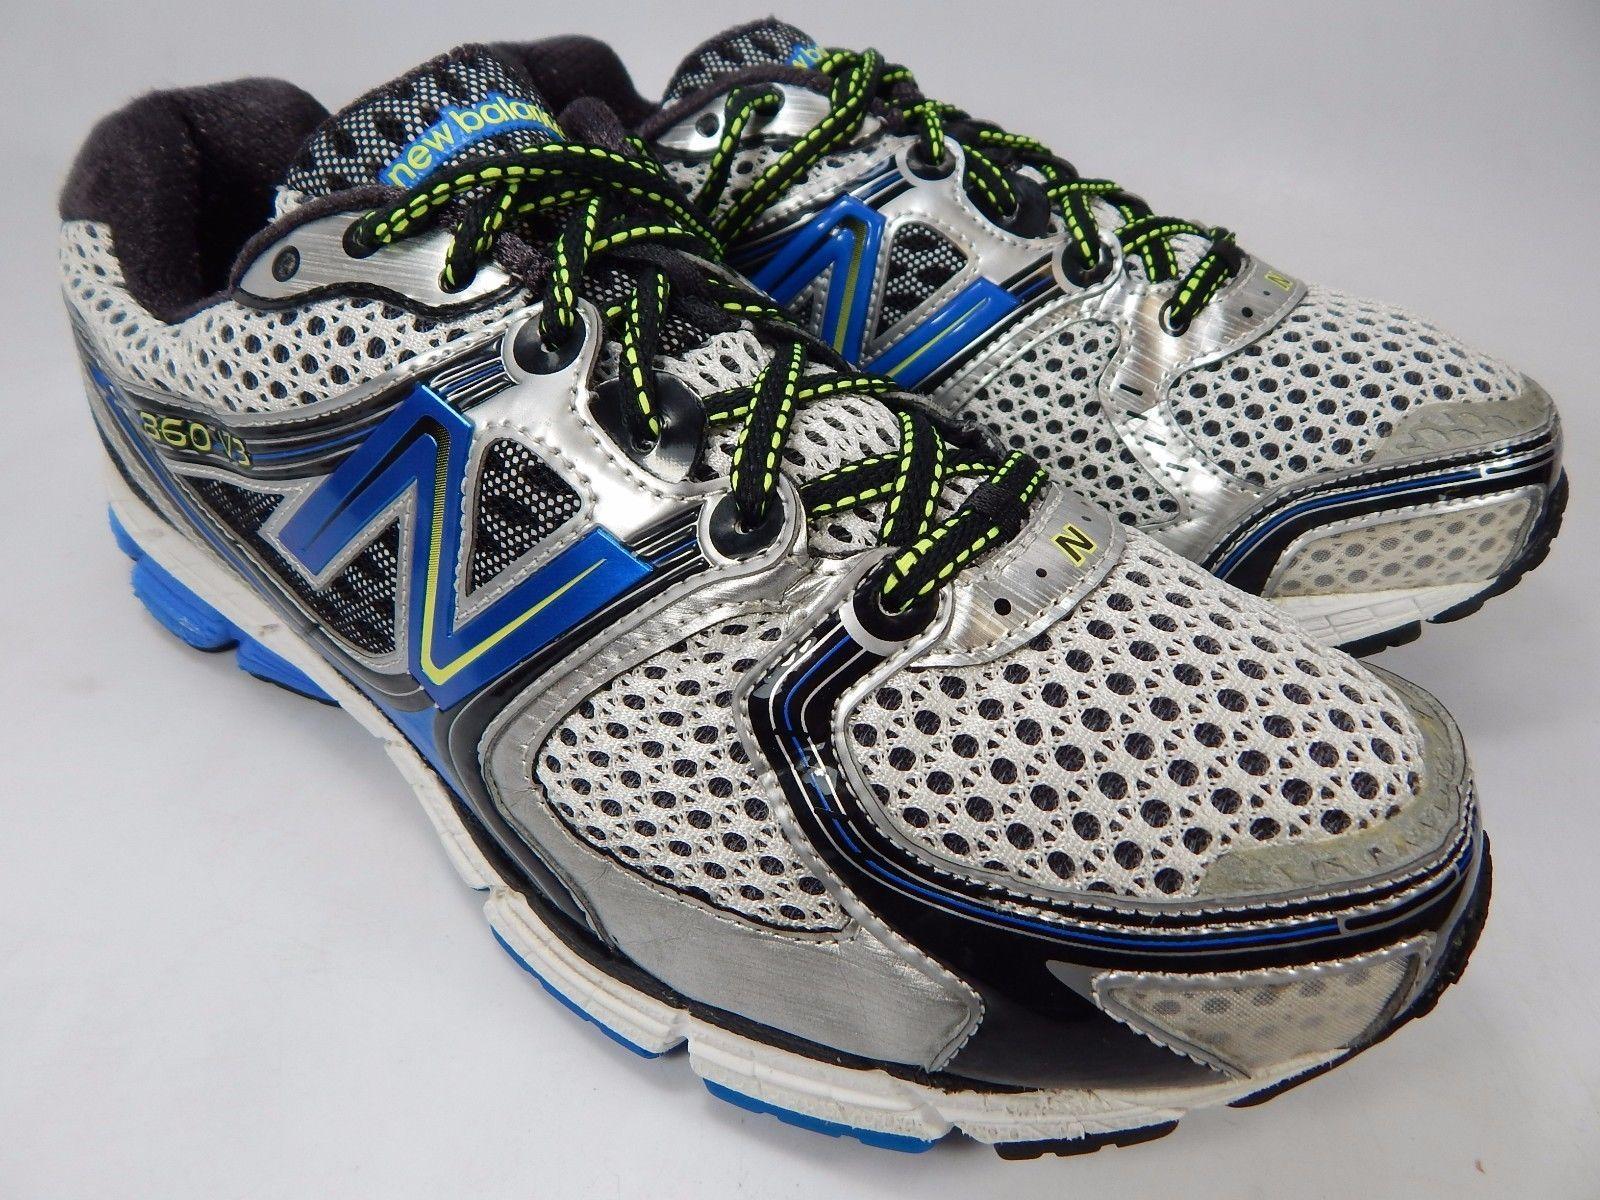 innovative design 19b8c 4df3a New Balance 860 v3 Men s Running Shoes Size US 9.5 4E EXTRA WIDE EU ...